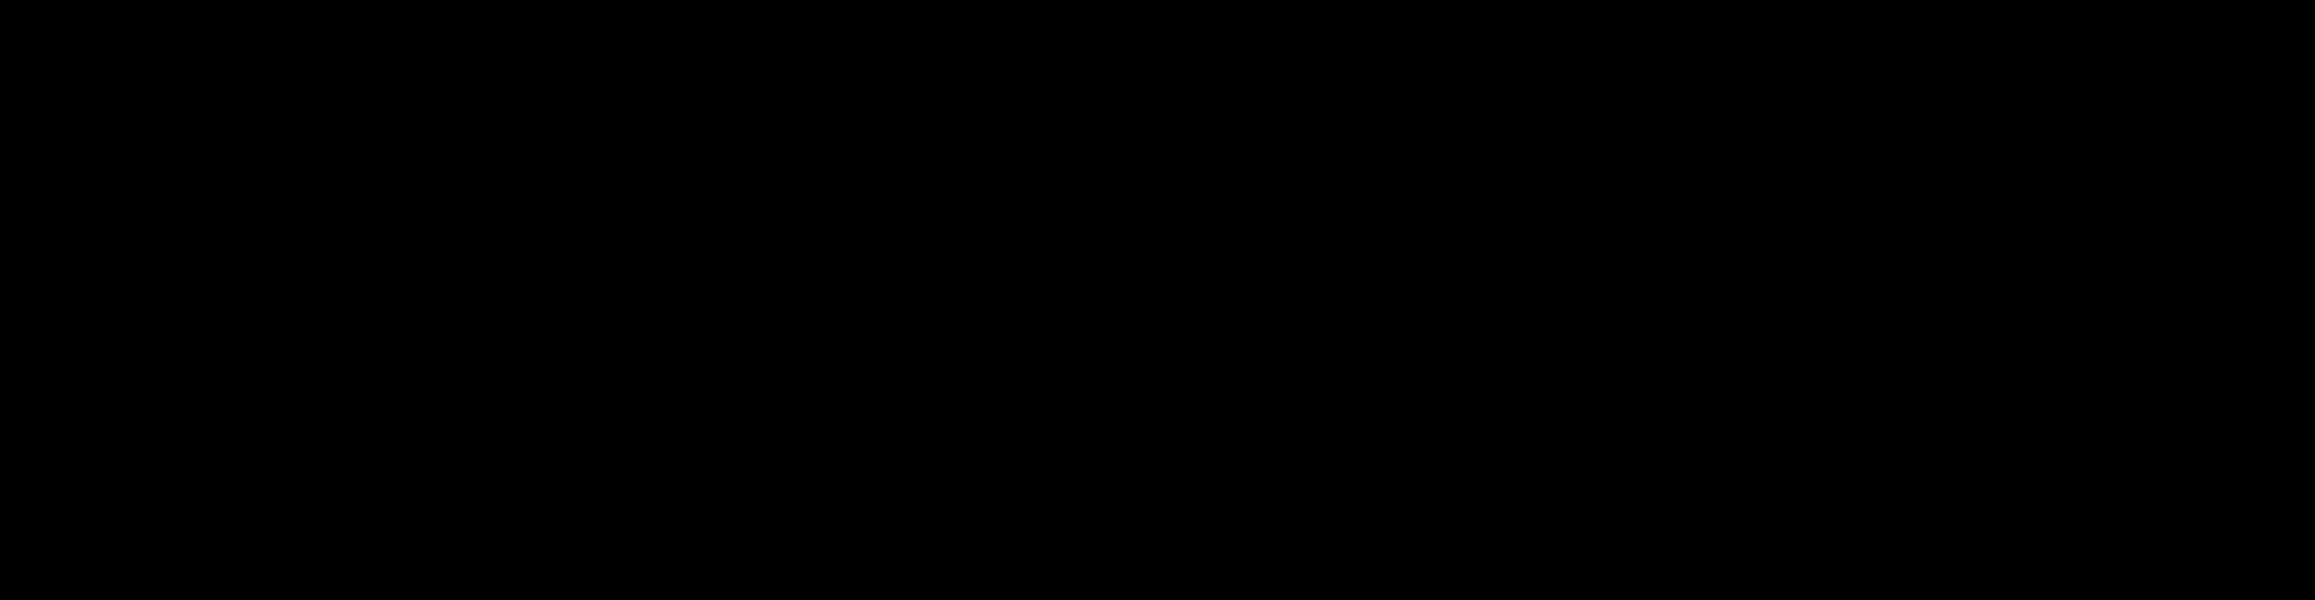 pattern-3x-d.png